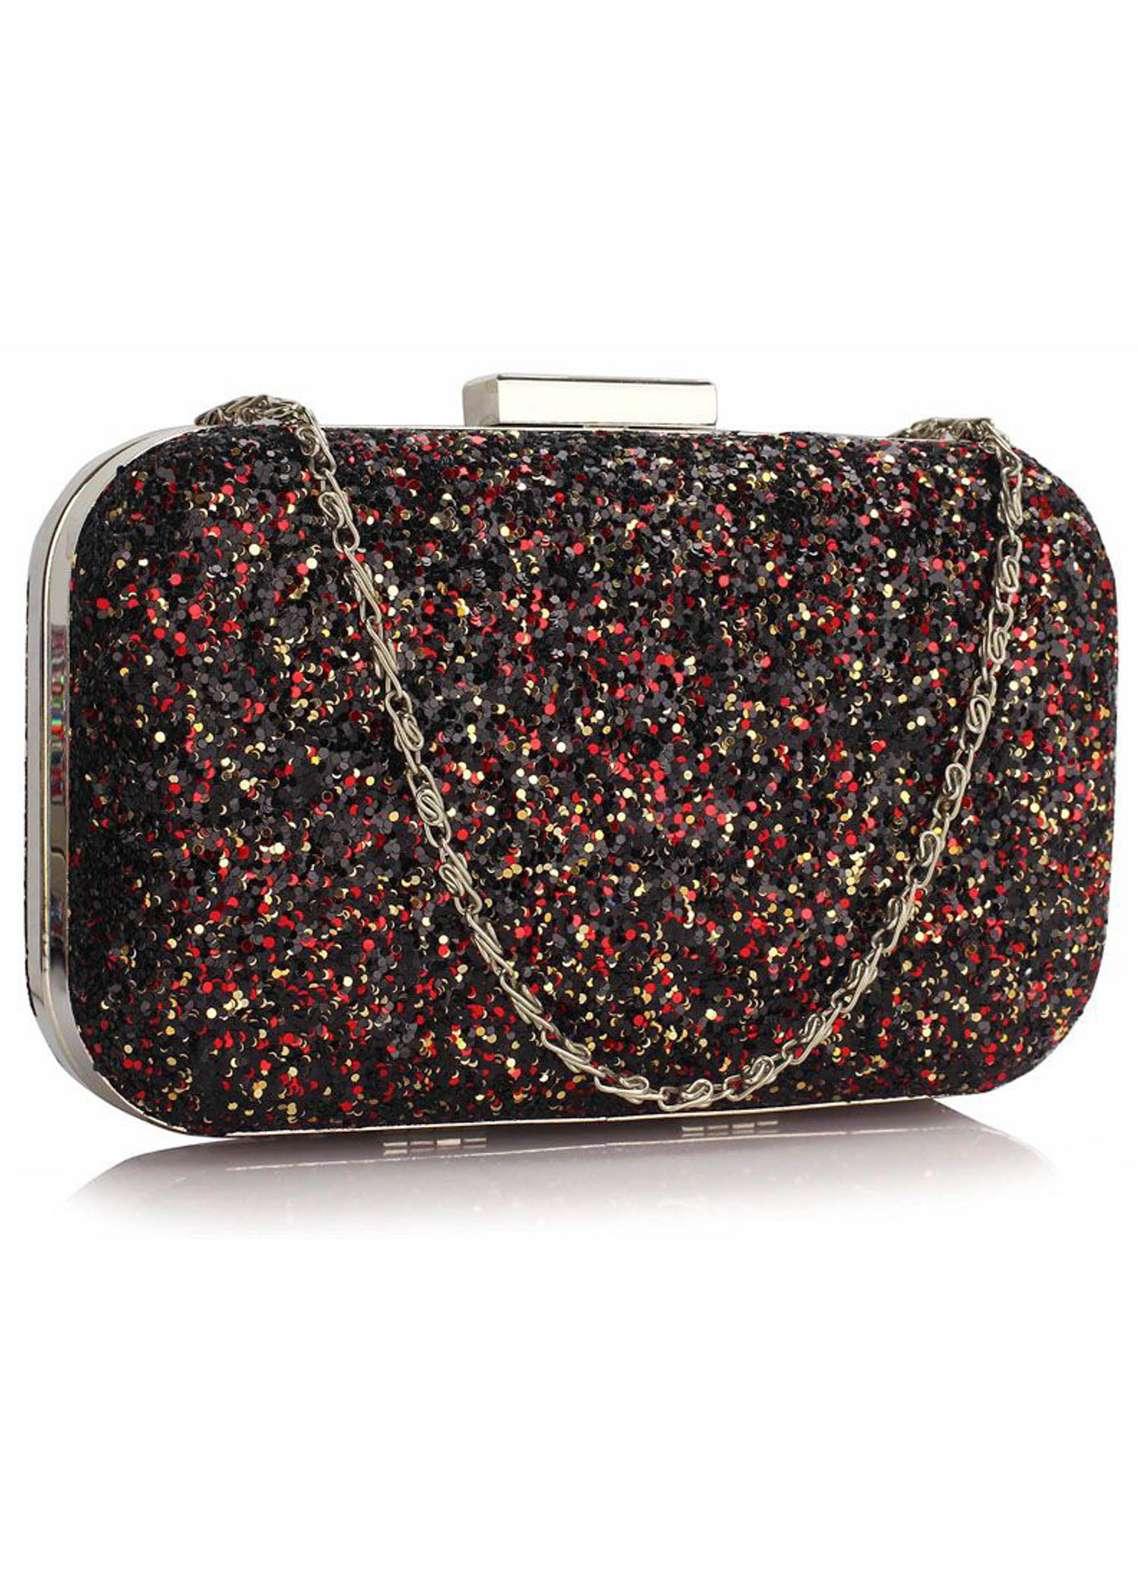 Leesun London   Clutch Bags  for Women  Multi with Fancy Style